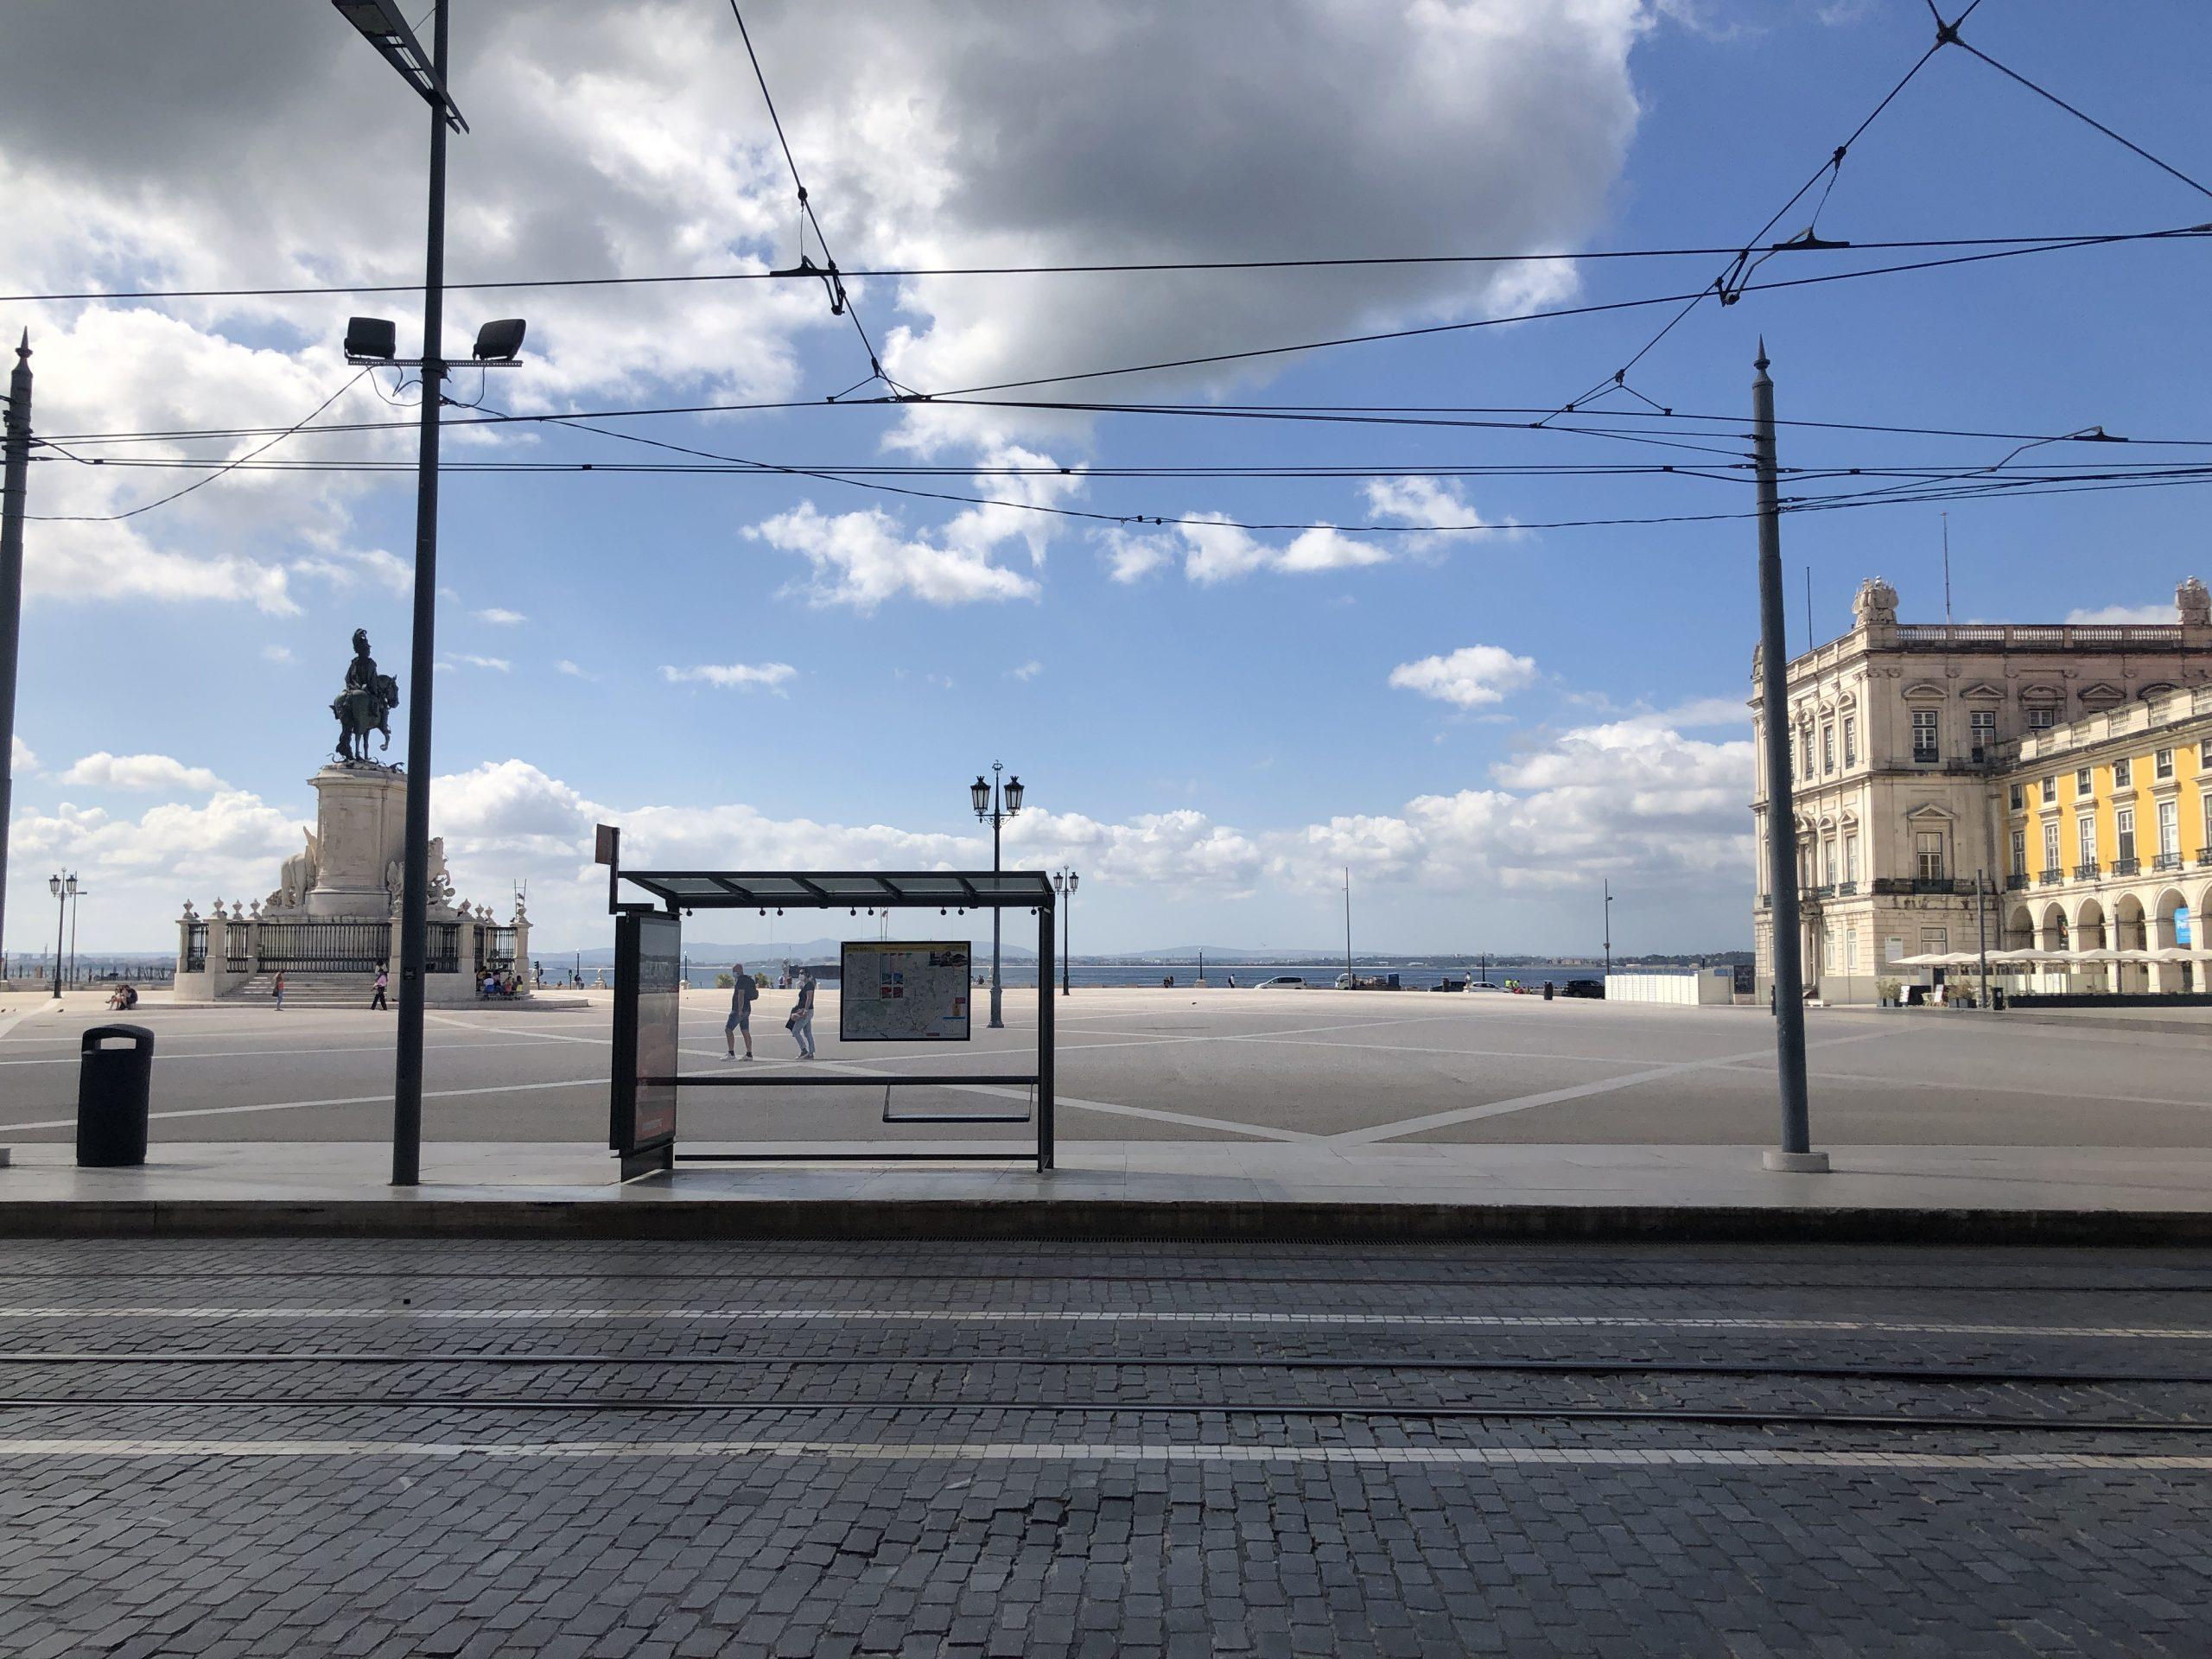 ポルトガル・リスボンの移動手段(地下鉄・トラム・バス)の使い方